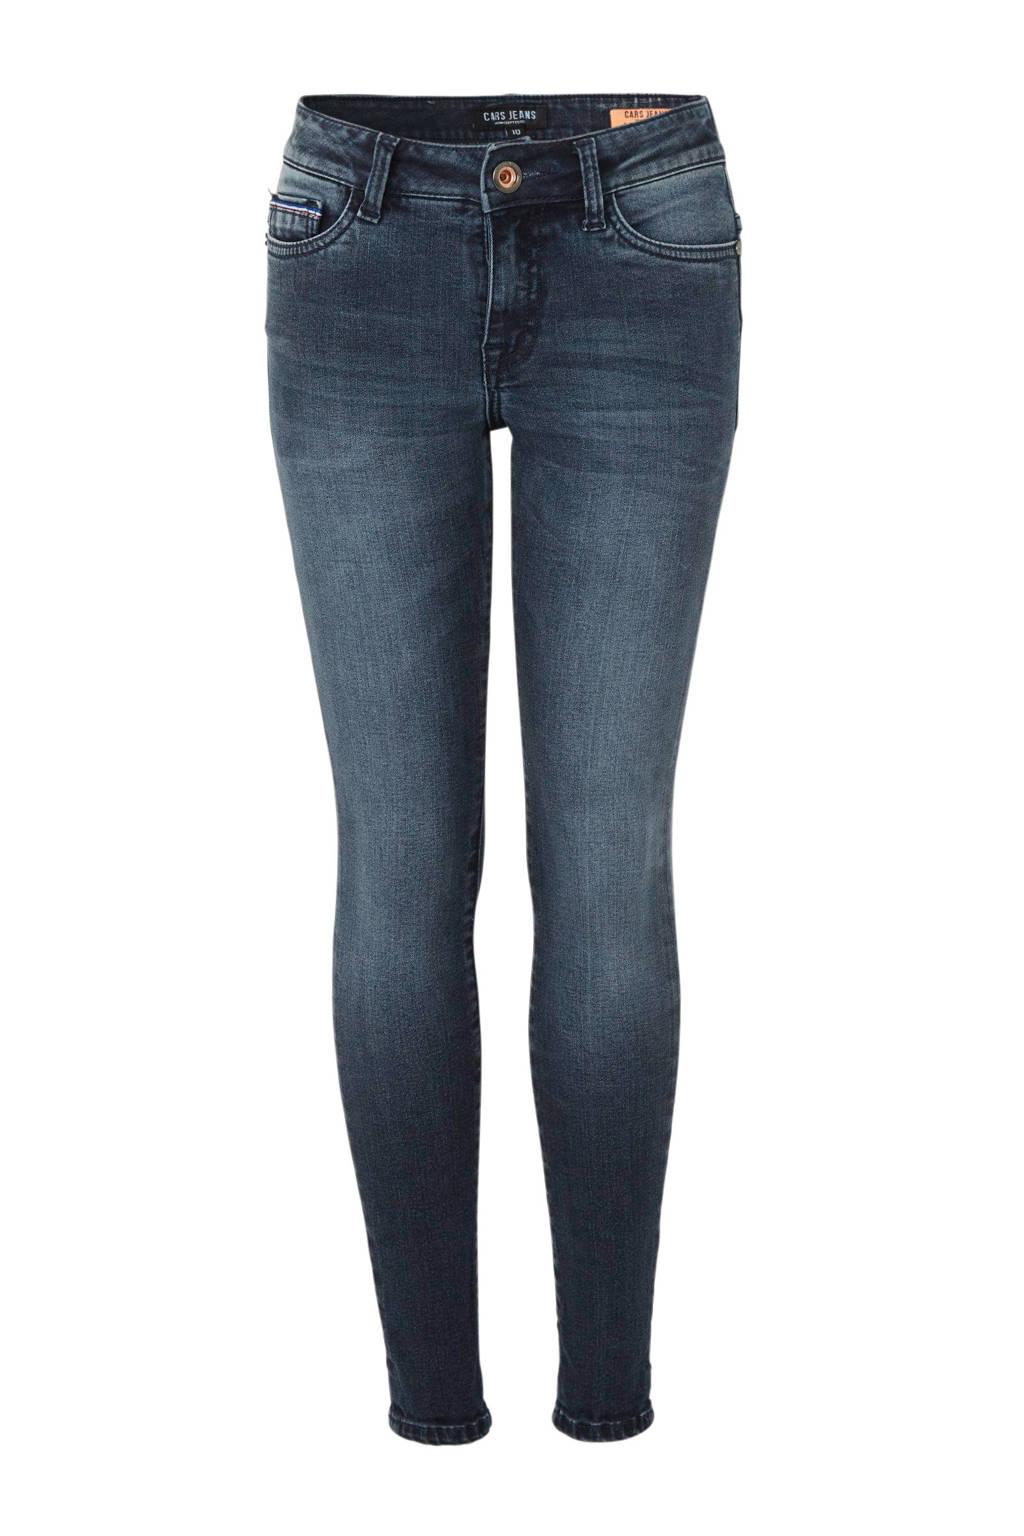 Cars super skinny jeans Diego blauwzwart, Blauwzwart